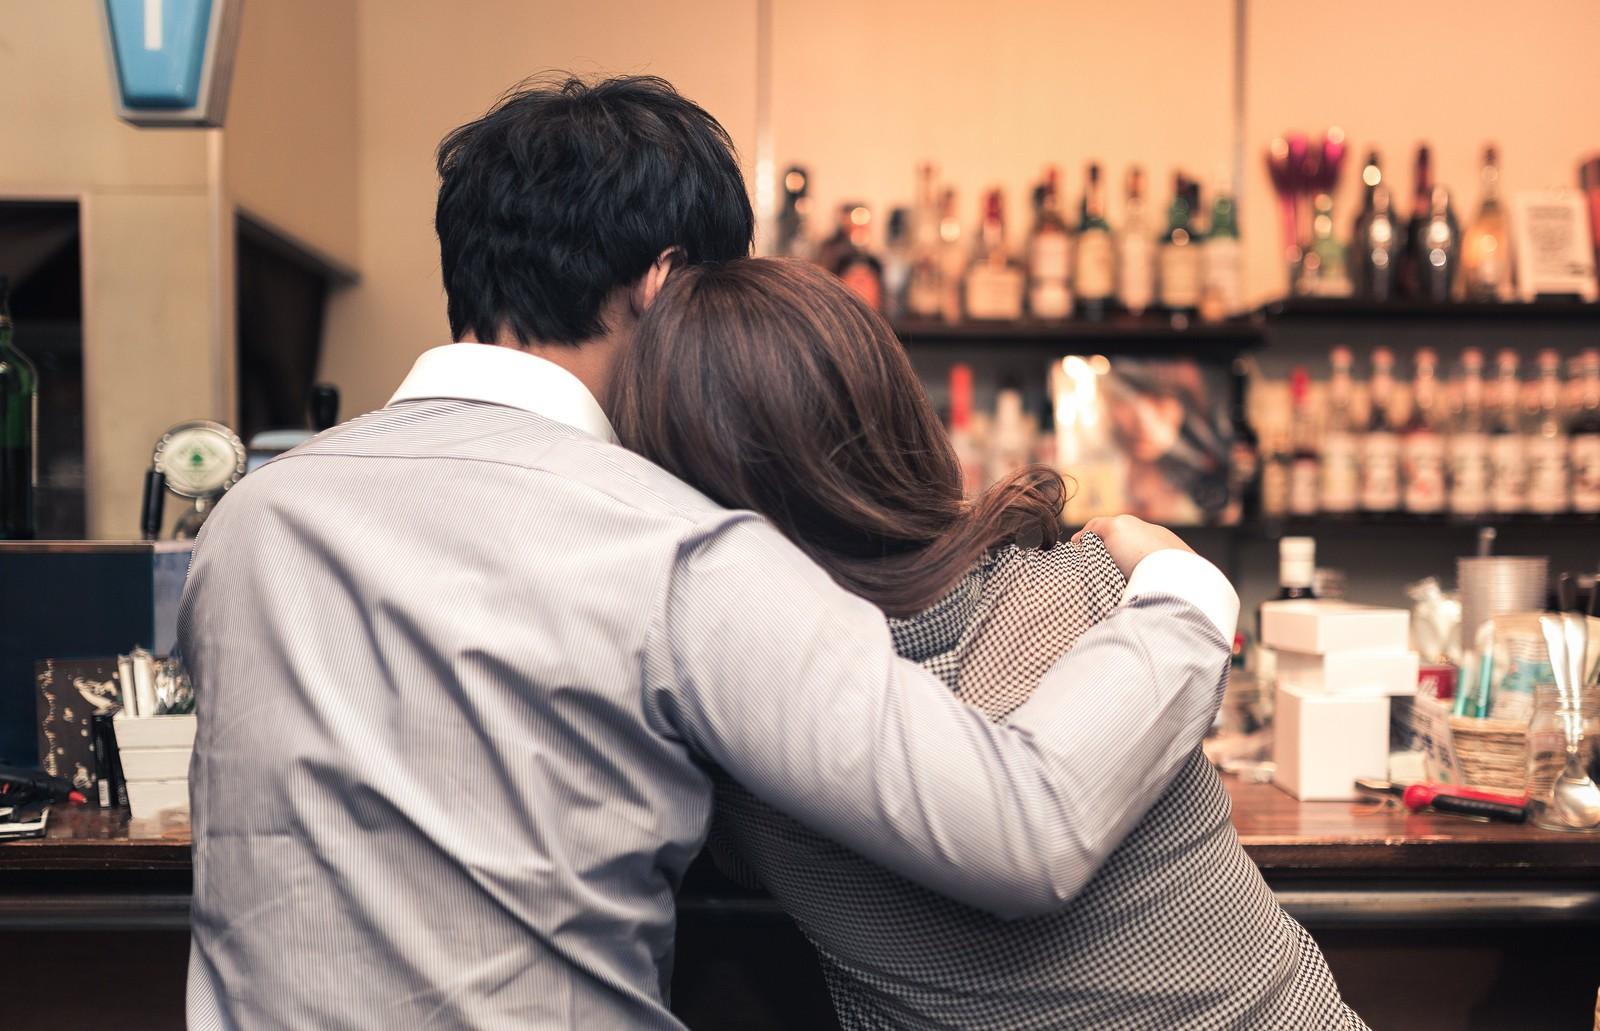 飲み会で男性にドン引きされるNG行動5つ